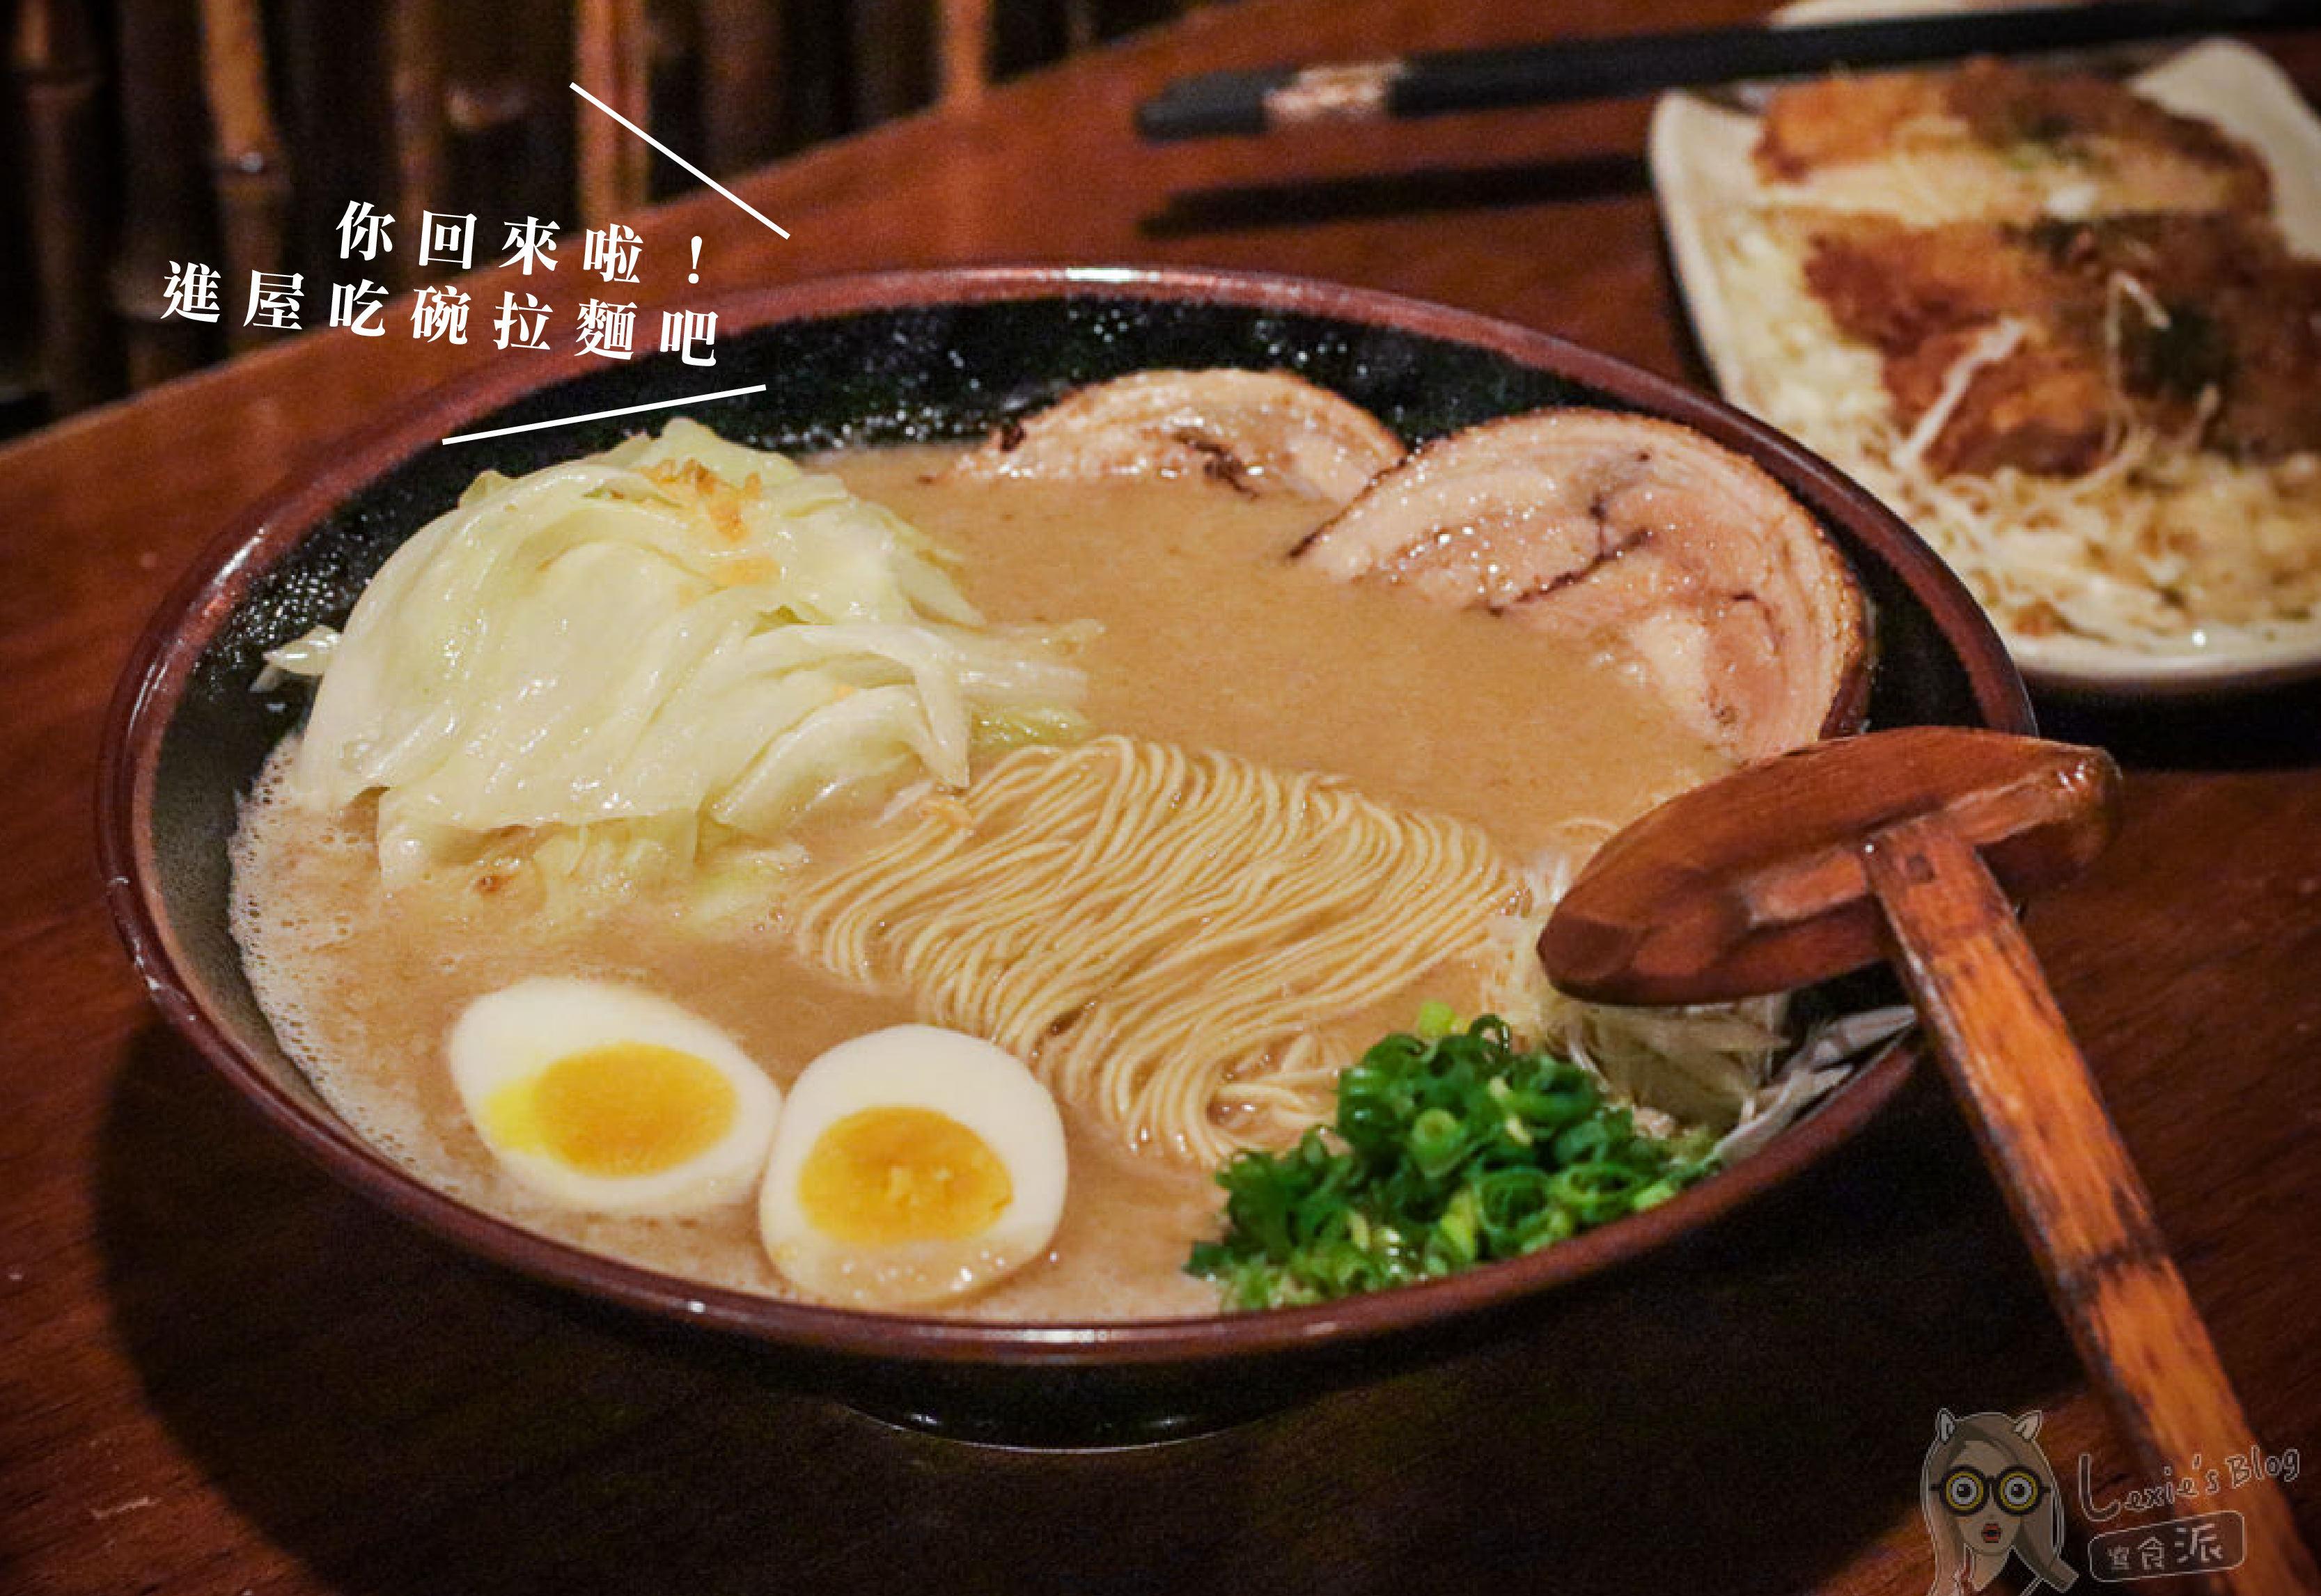 台北東區必吃豚骨拉麵》你回來啦,有水準、有誠意的濃厚豚骨拉麵,回訪率100%